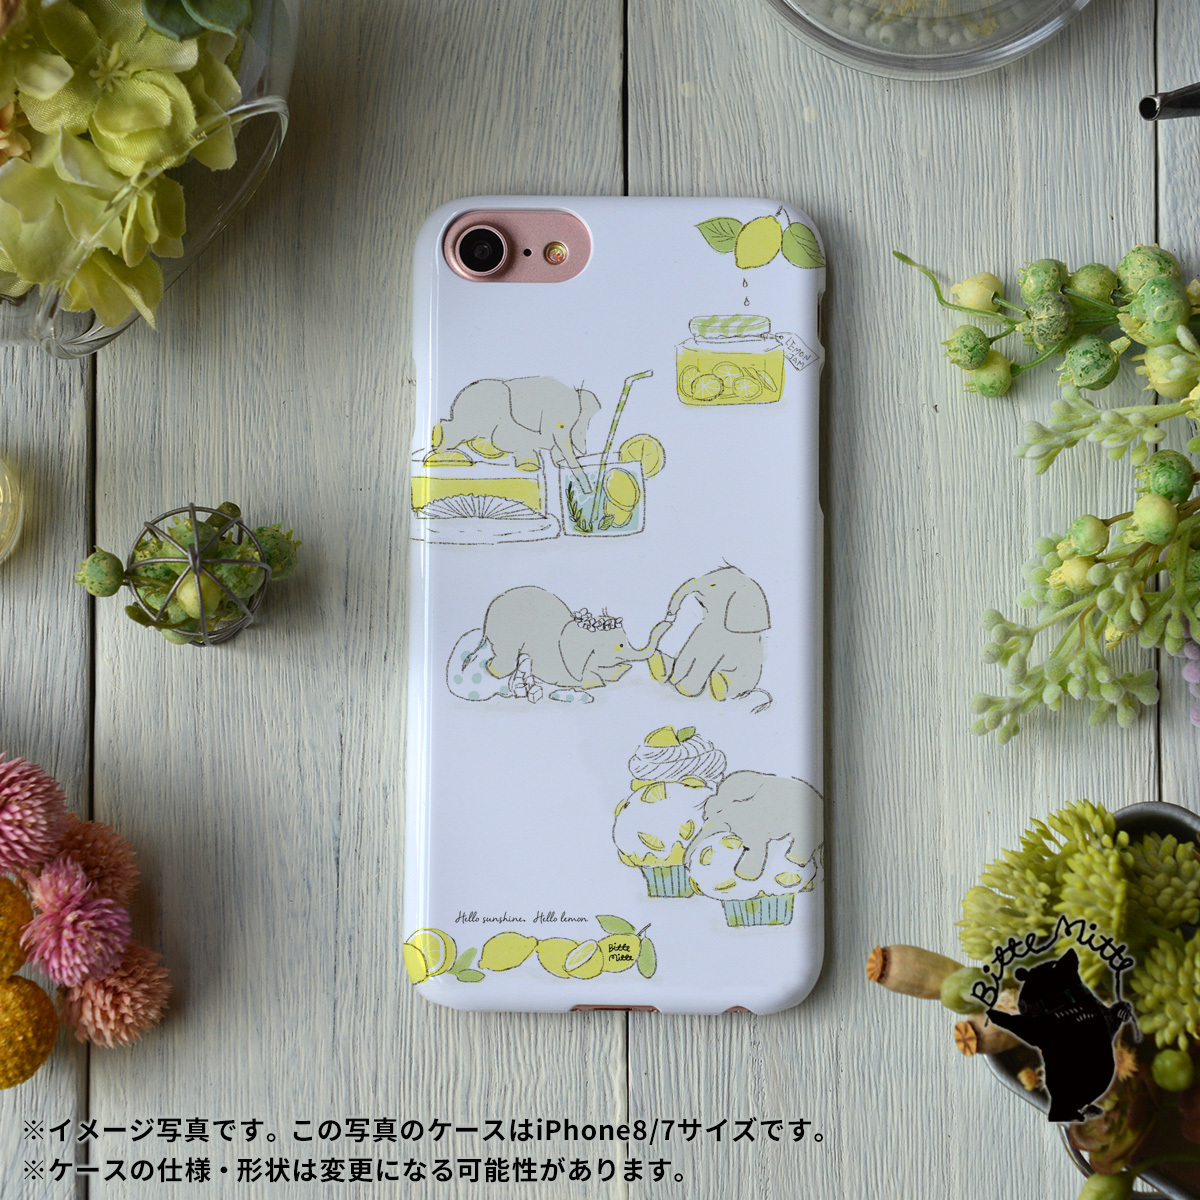 iphone8 ハードケース おしゃれ iphone8 ハードケース シンプル iphone7 ケース かわいい 象 レモン レモネード ゾウとレモン/Bitte Mitte!